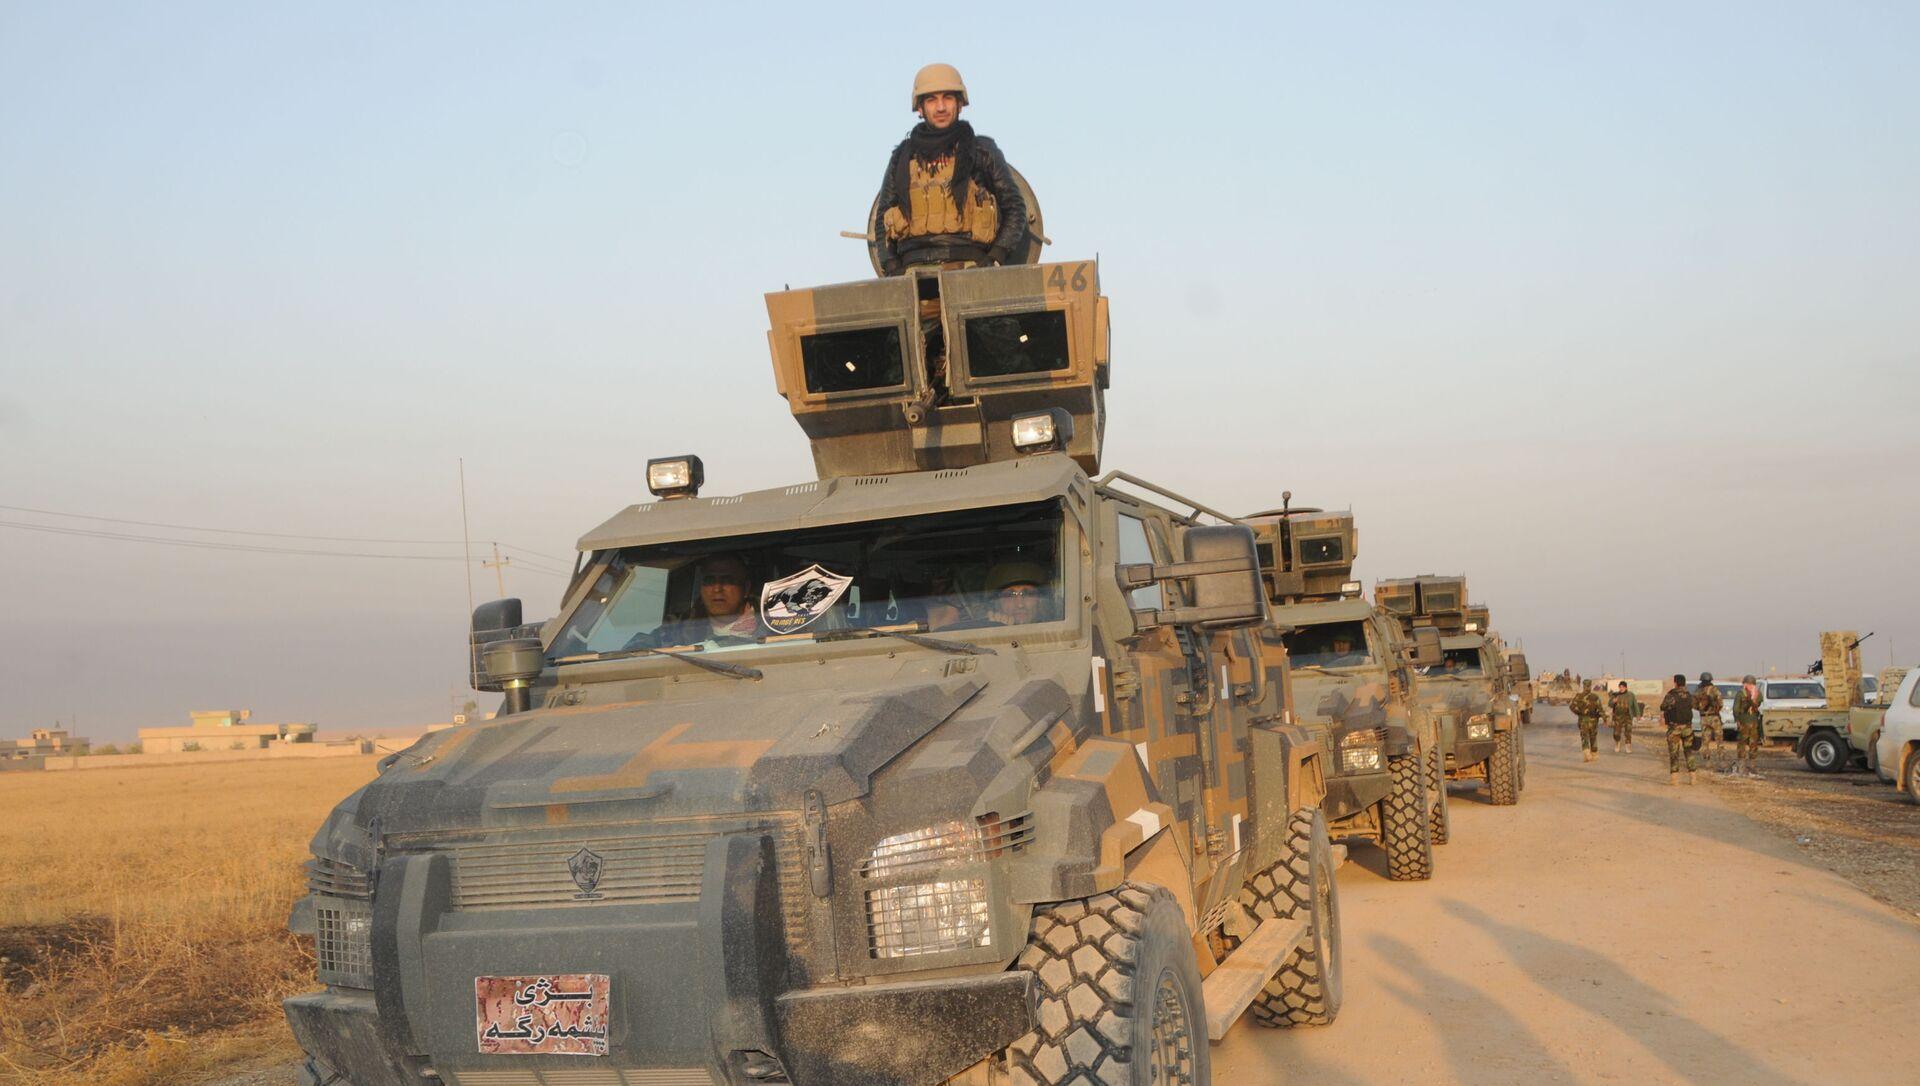 Peşmergegüçleri Irak'ın kuzeyindeki Süleymaniye'nin Germiyan bölgesi kırsalında IŞİD'e karşı operasyondüzenledi. - Sputnik Türkiye, 1920, 28.07.2021